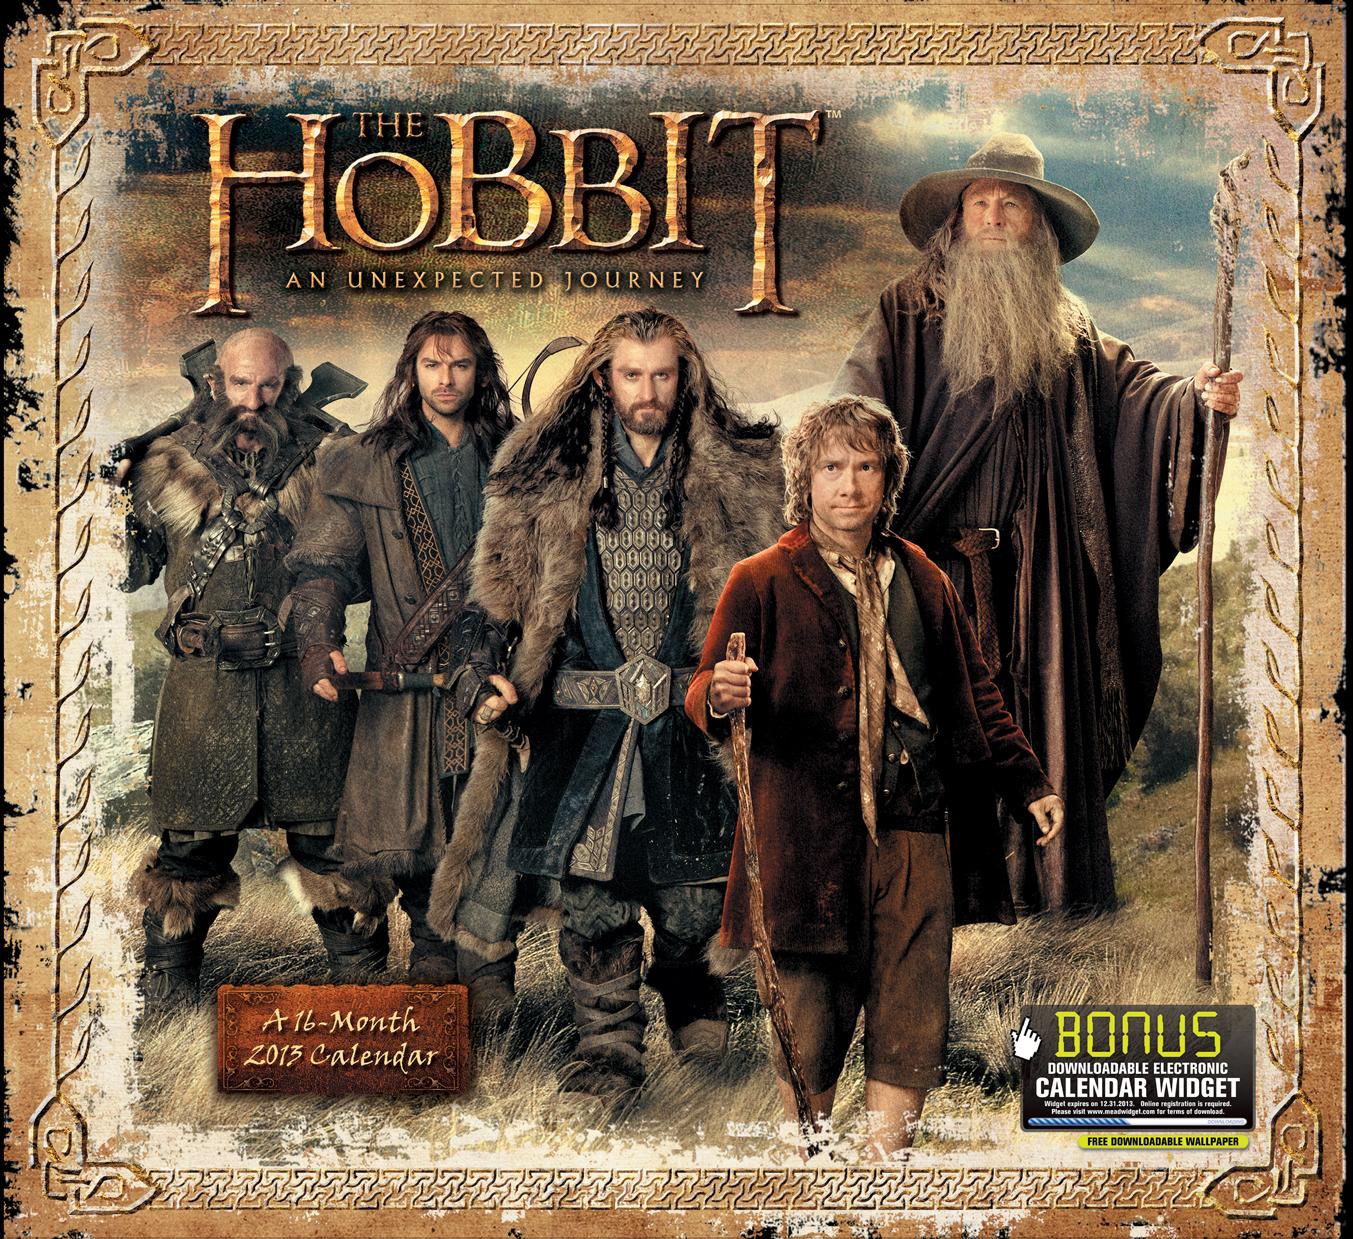 2013 The Hobbit cover.jpg